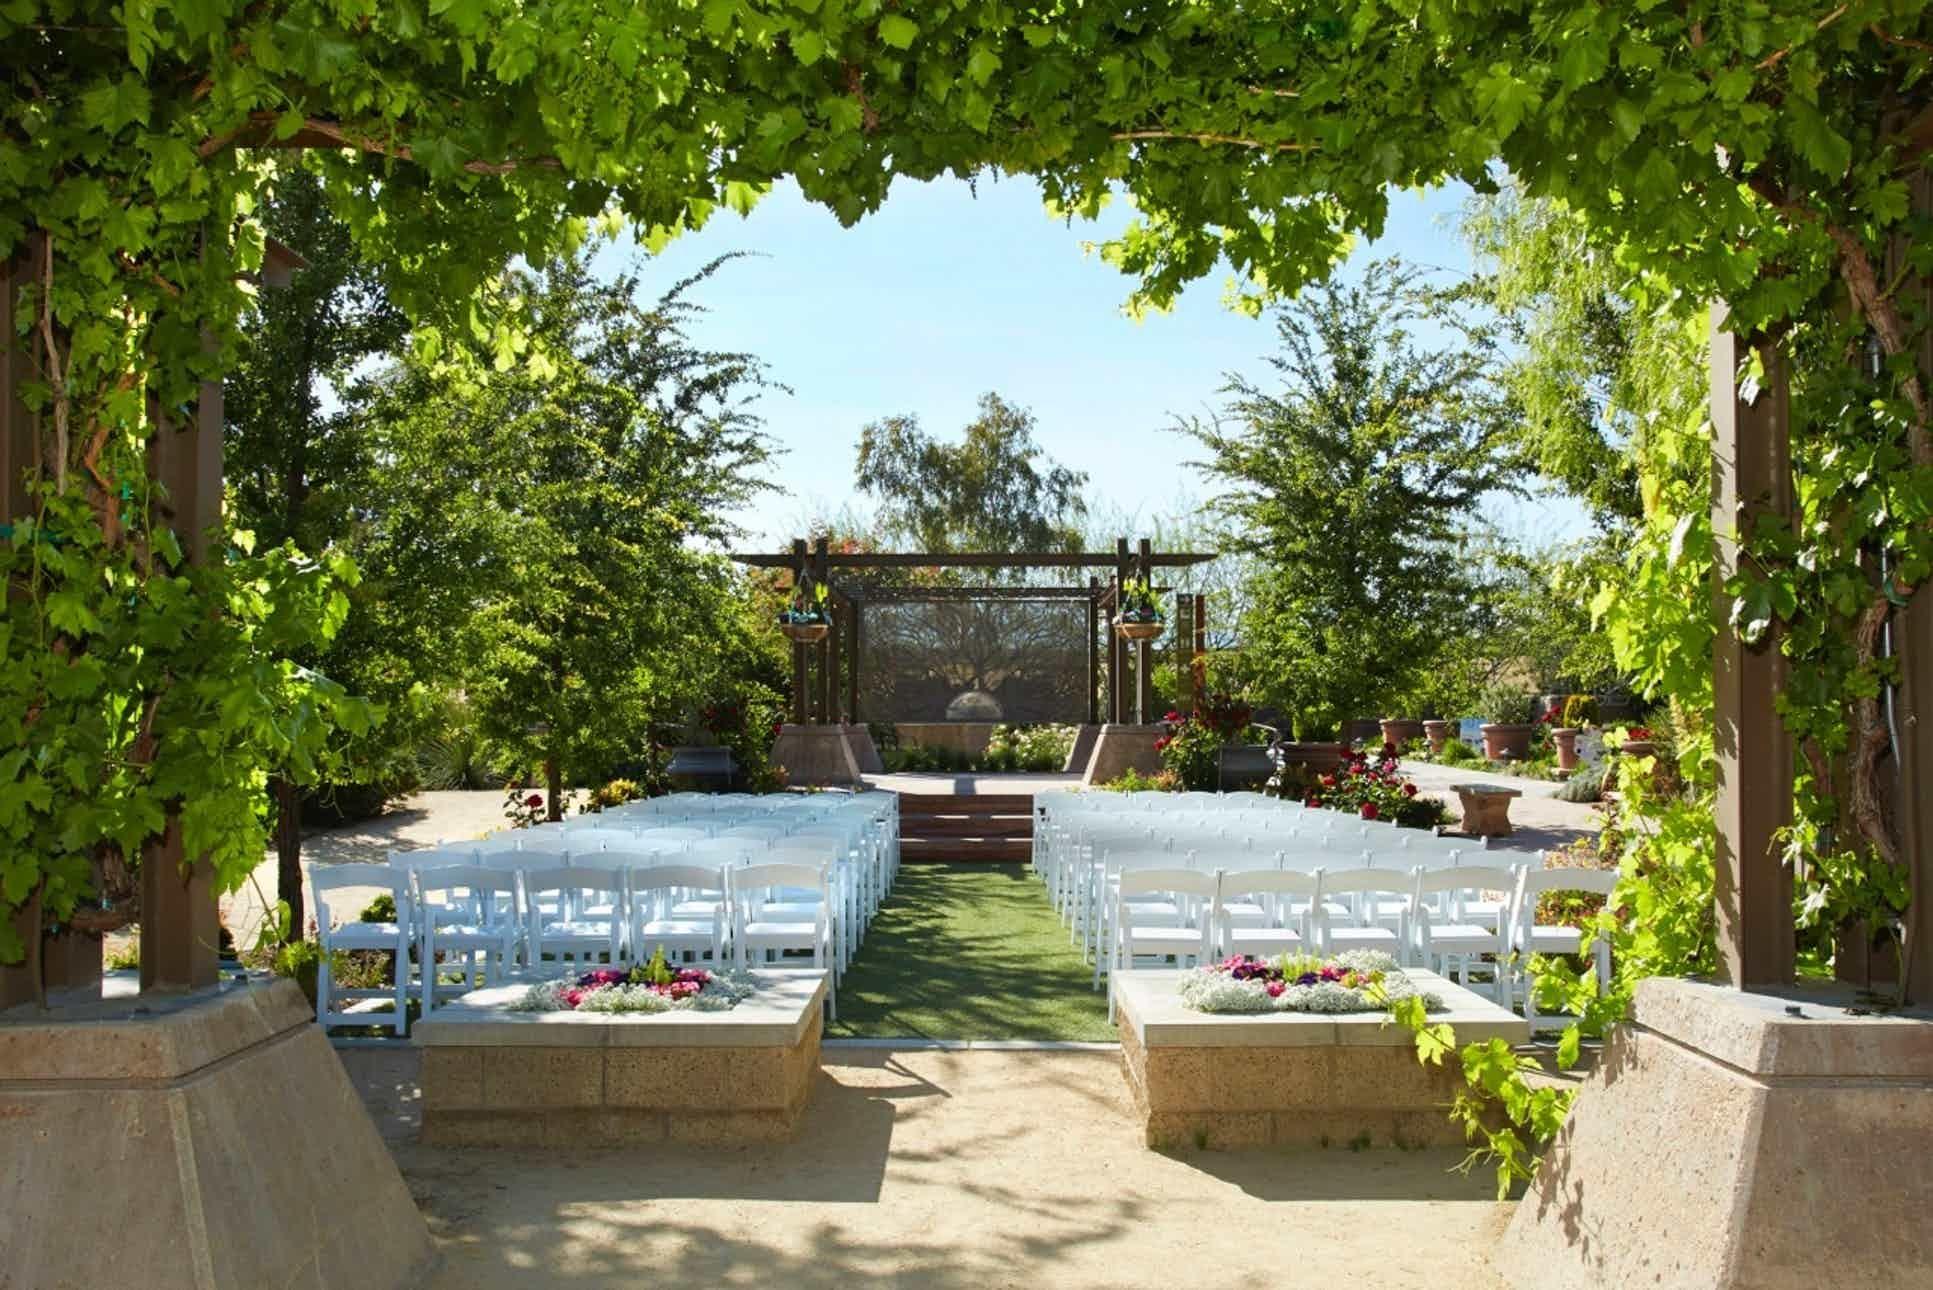 b02d202a4e5c0e41a47af86b087992af - The Gardens At The Las Vegas Springs Preserve